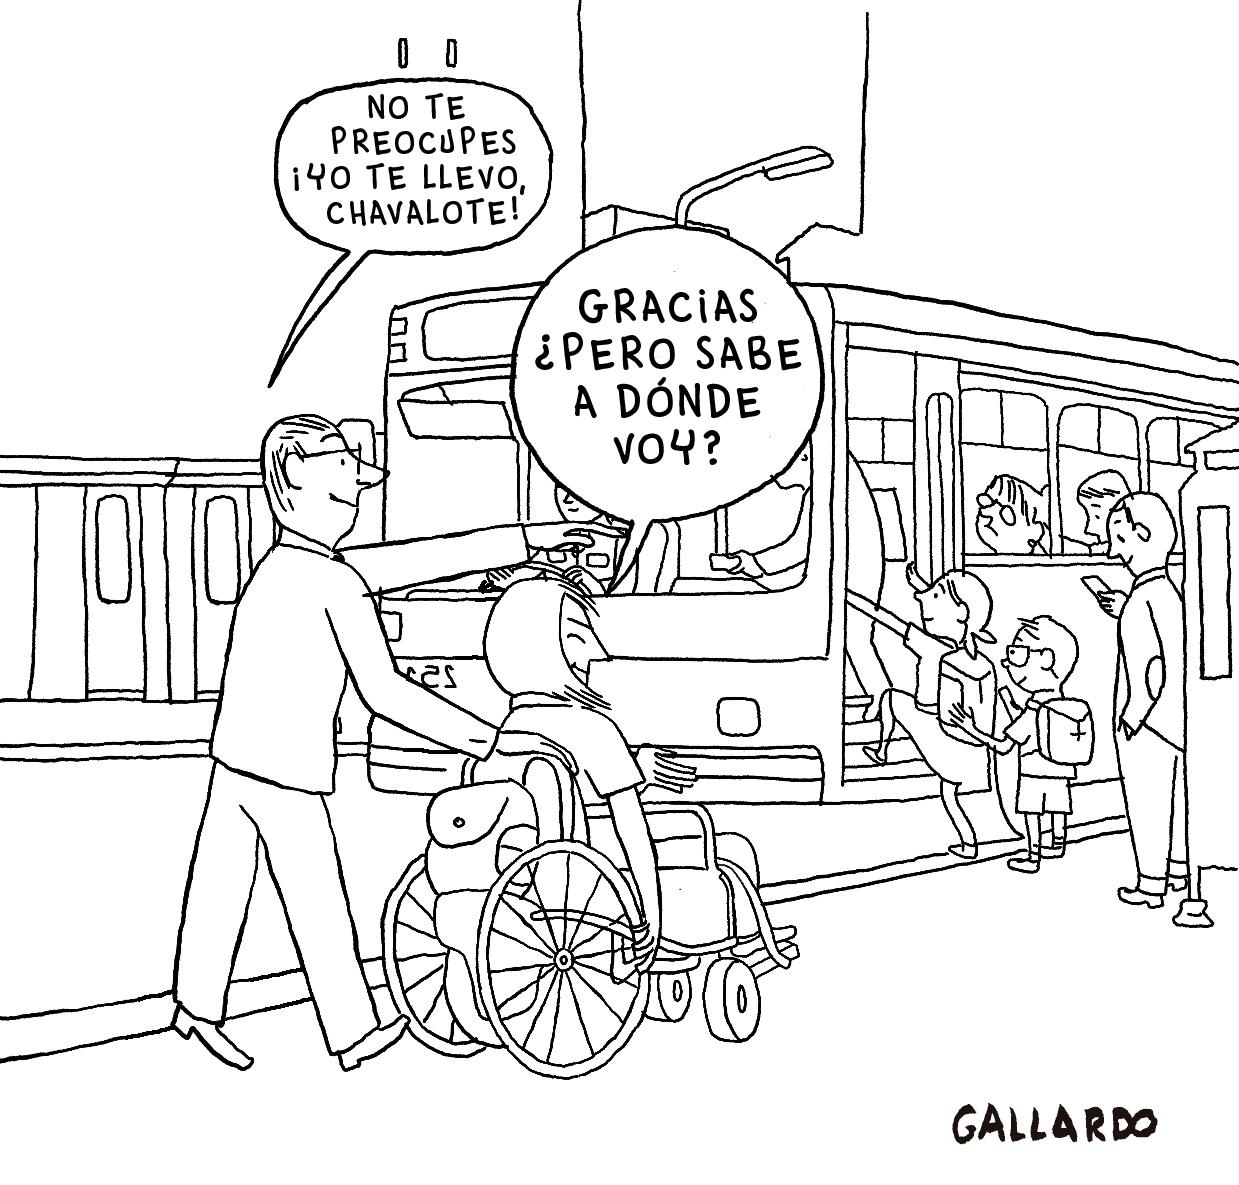 """Viñeta en blanco y negro. En la calle, varias personas suben a un autobús. En la acera, un chico con el pelo largo circula en silla de ruedas. Un hombre de mediana edad empuja la silla de ruedas y le dice: """"No te preocupes, yo te llevo, chavalote"""". El chico le responde: """"Gracias, ¿pero sabe a dónde voy?"""". Viñeta de Gallardo."""